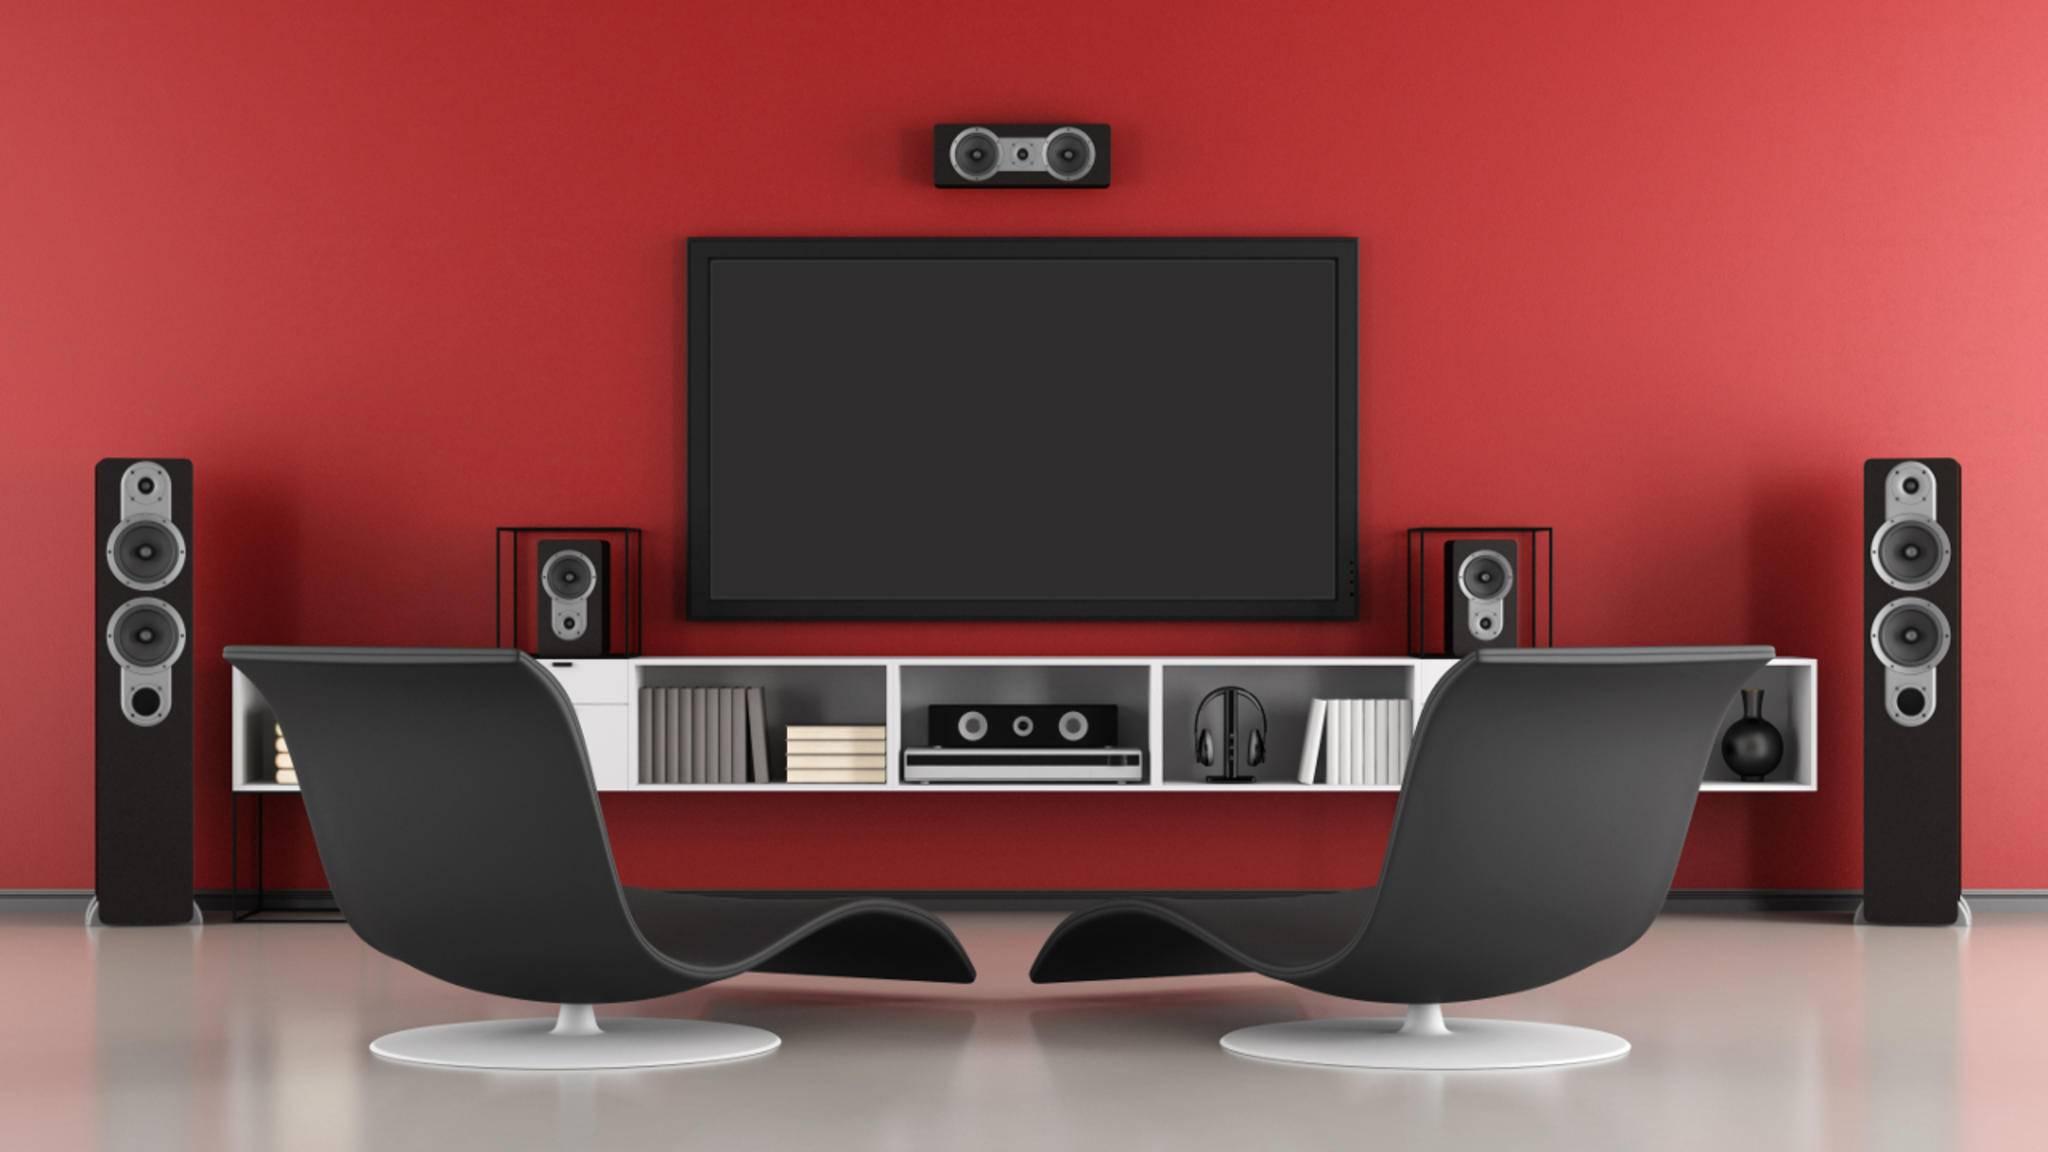 Es gibt viele Möglichkeiten um den Fernseher an die HiFi-Anlage anzuschließen.